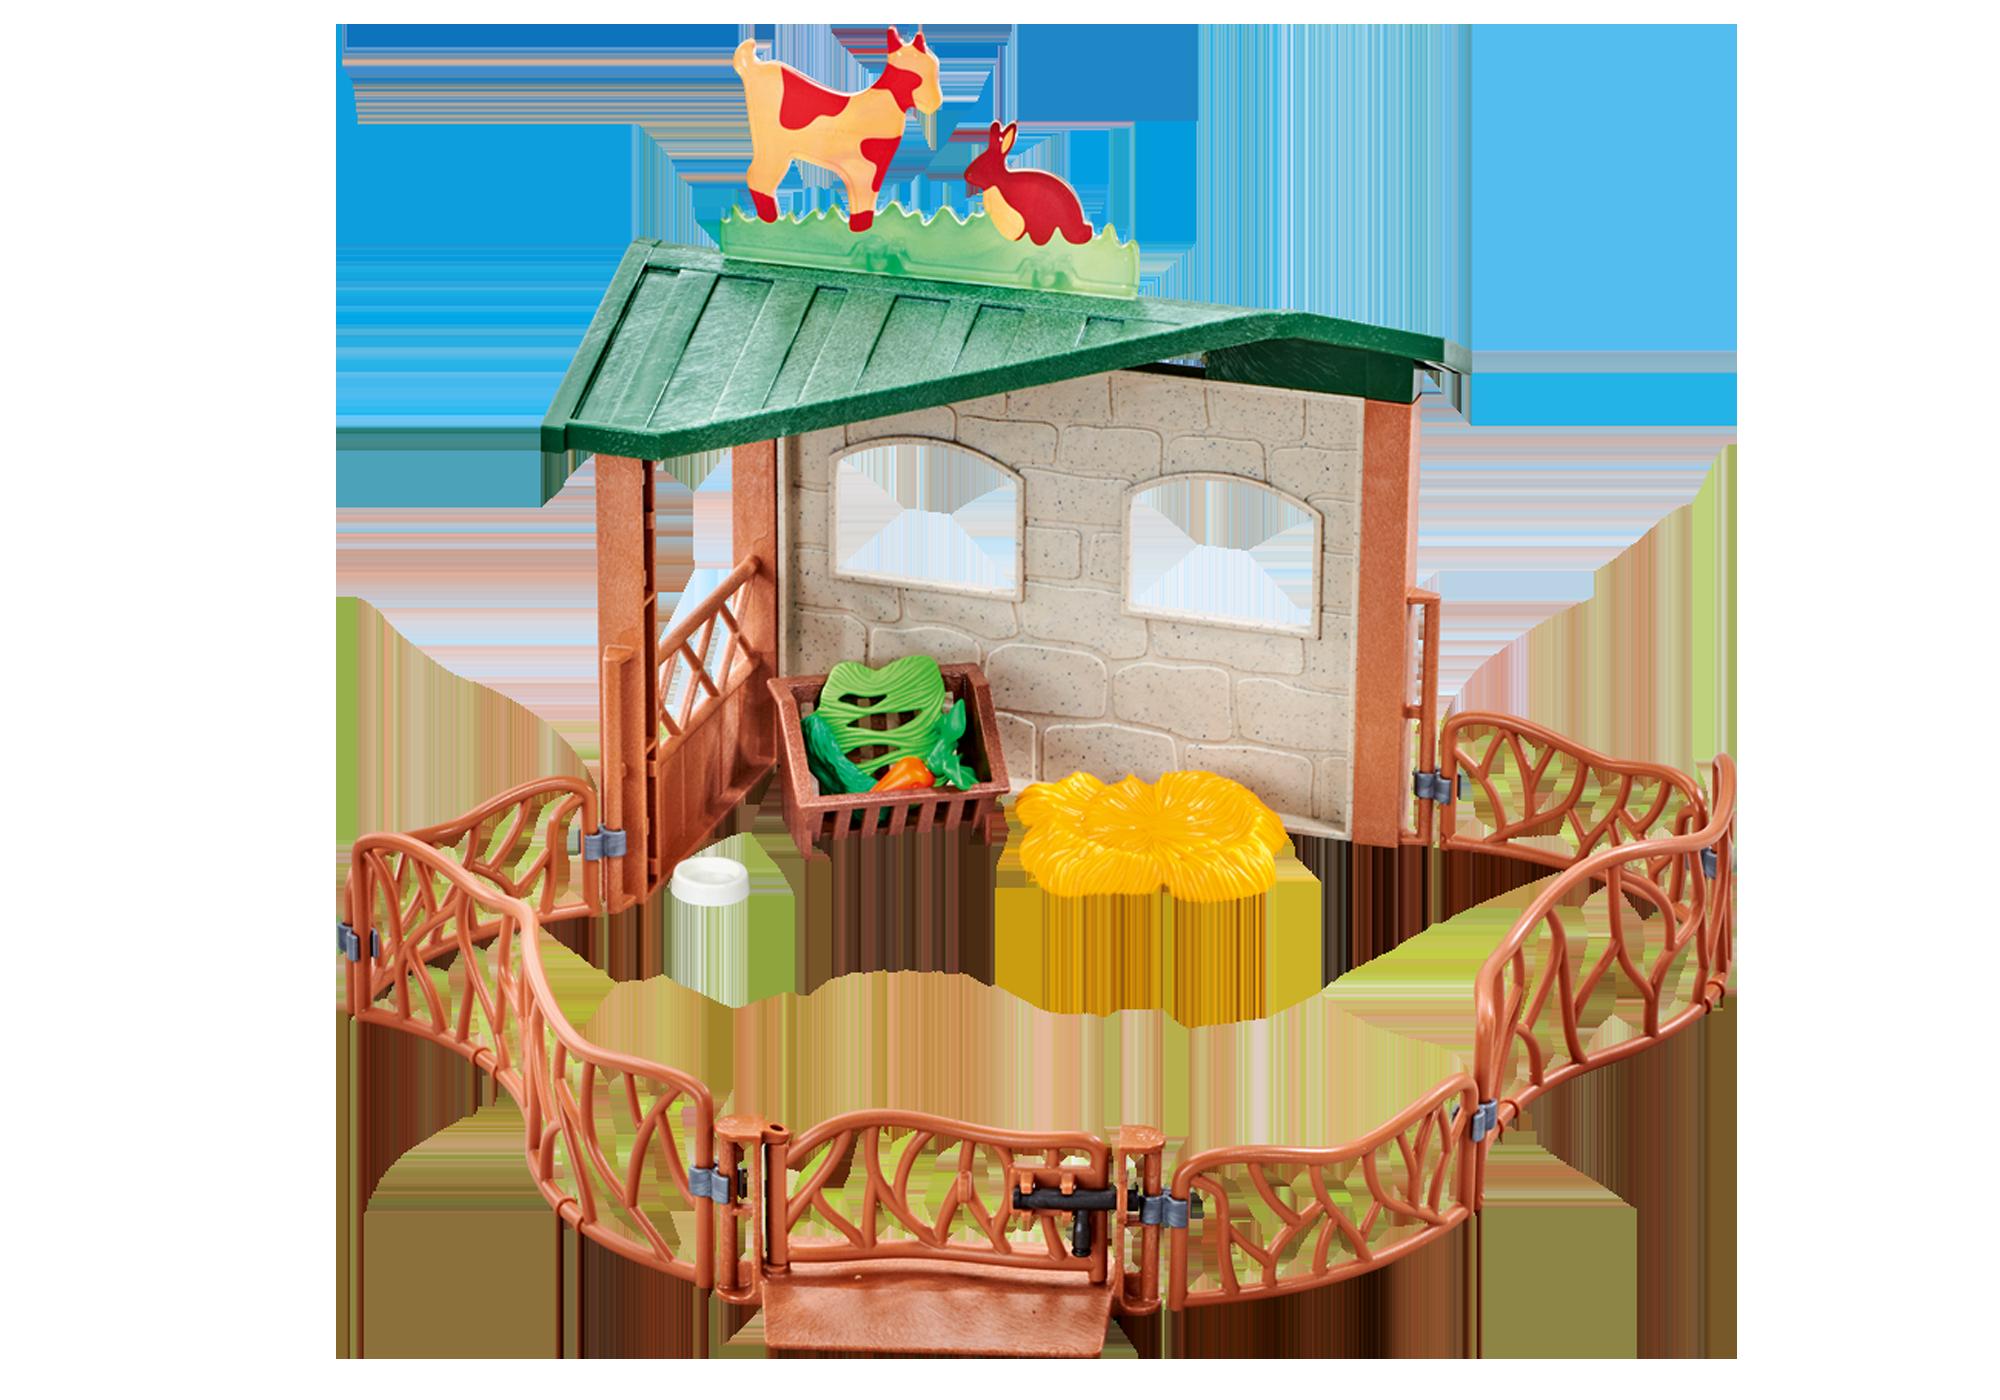 9815_product_detail/Χαμηλή περίφραξη για Ζωολογικό κήπο